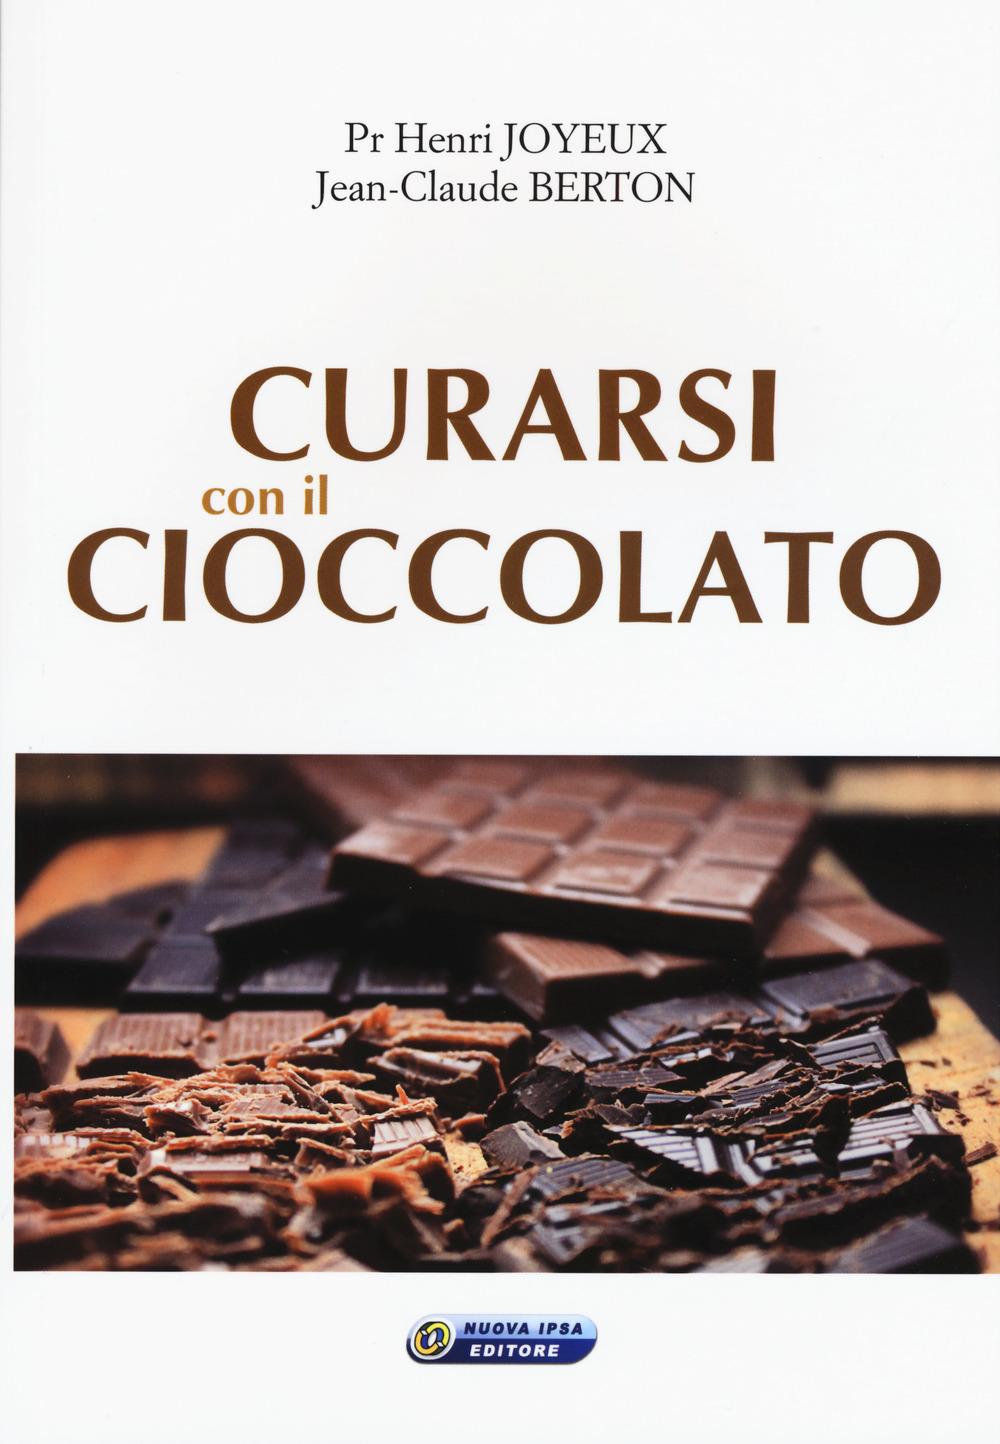 Image of Curarsi con il cioccolato